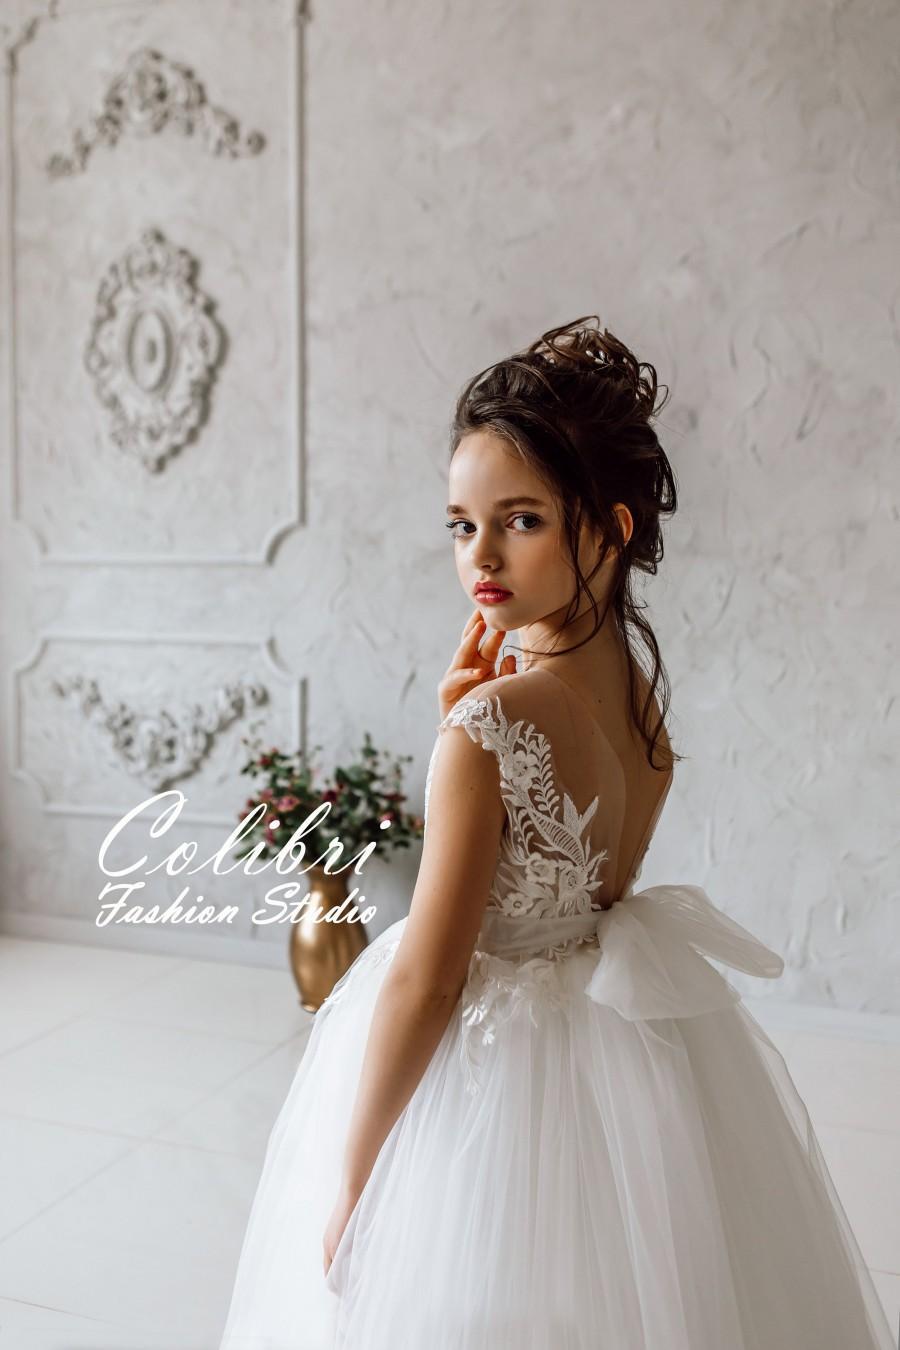 زفاف - Wedding girl dress First communion dress Tulle flower girl dress Flower girl dress lace Ivory flower girl dress Flower dress tutu